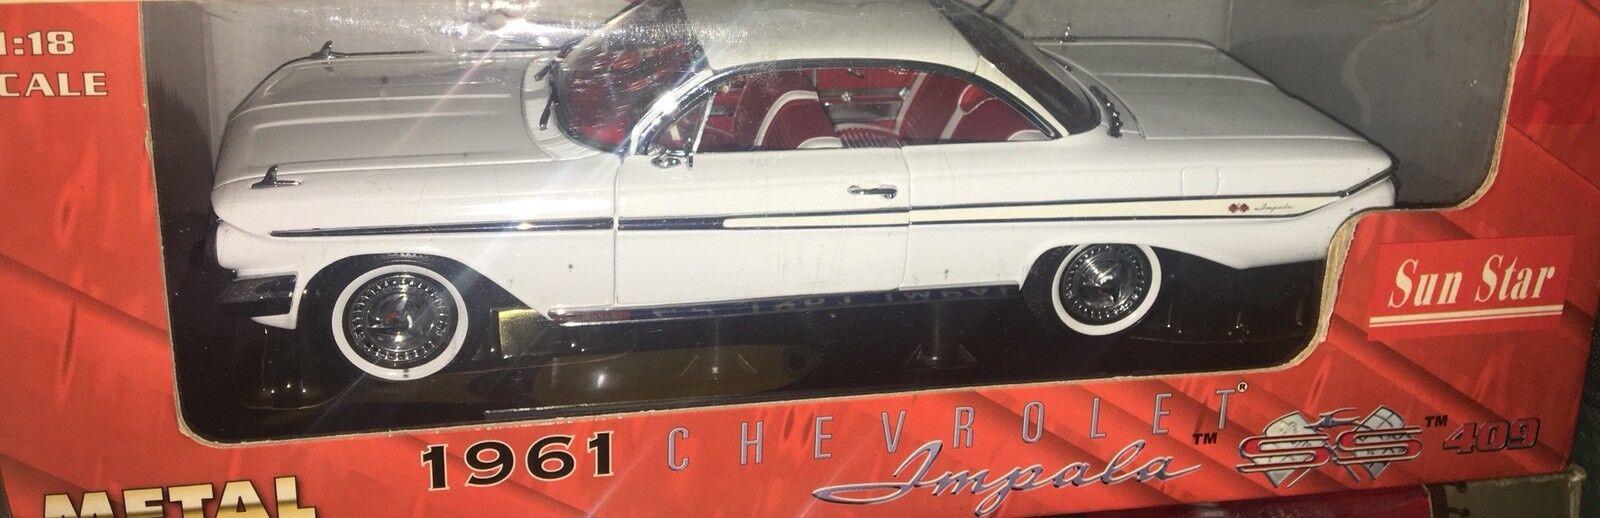 Sun Star Chevrolet Impala SS 409 De 1961 Maqueta Americana Coche 1 18 En Caja